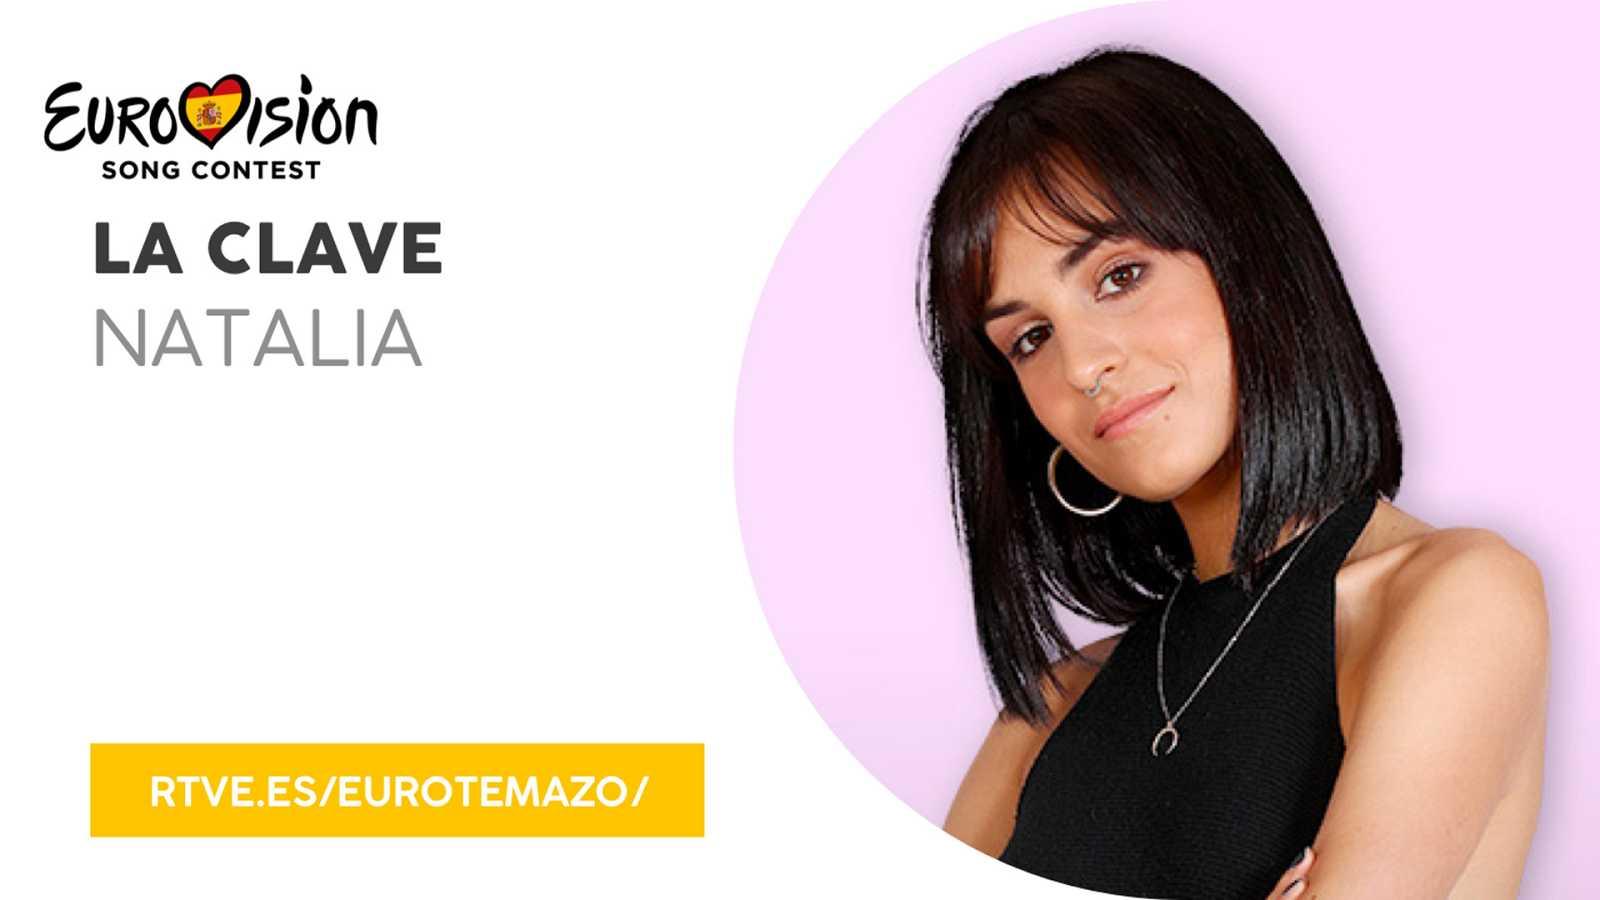 """Eurovisión 2019 - Eurotemazo: Escucha """"La clave"""" de Natalia Lacunza"""